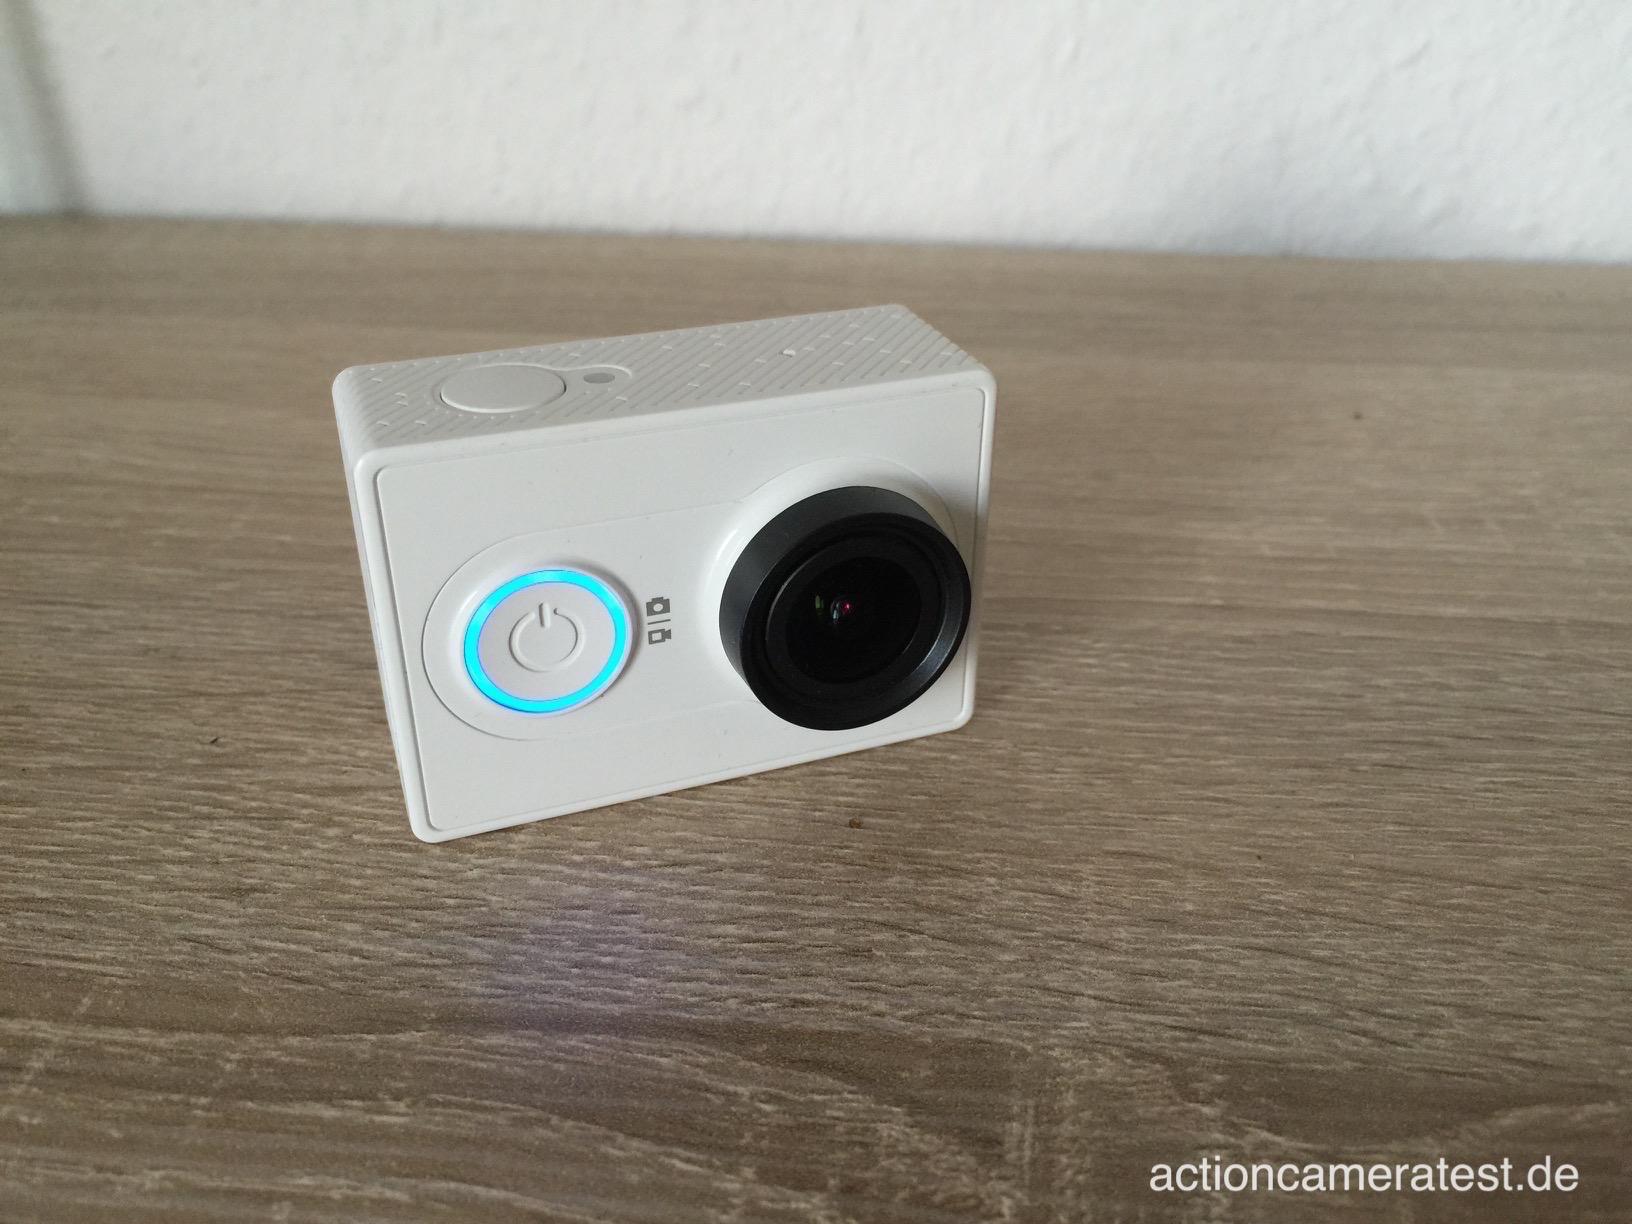 xiaomi-yi-action-camera-comprar1